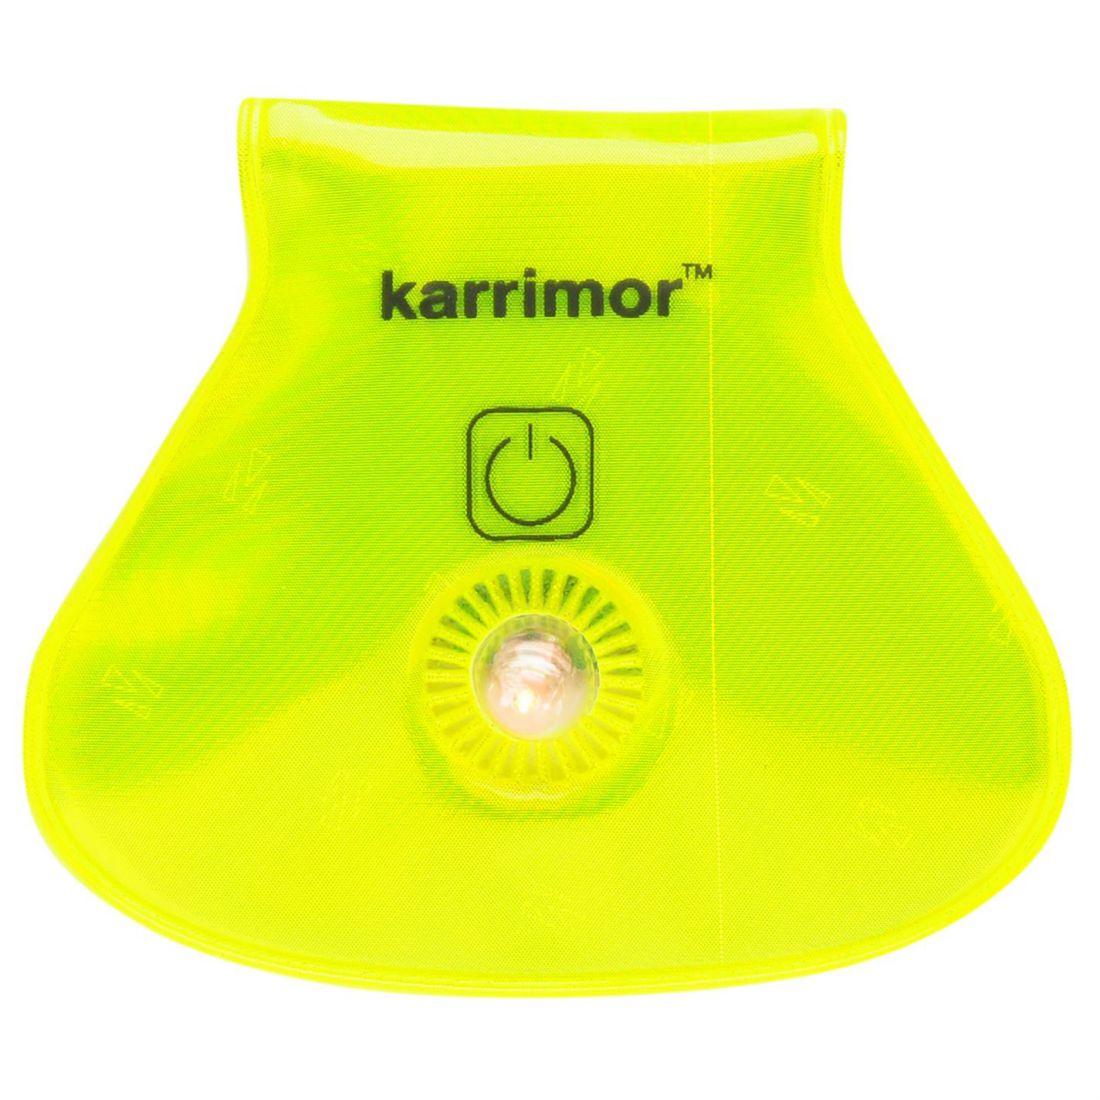 Karrimor Unisex Reflect Band